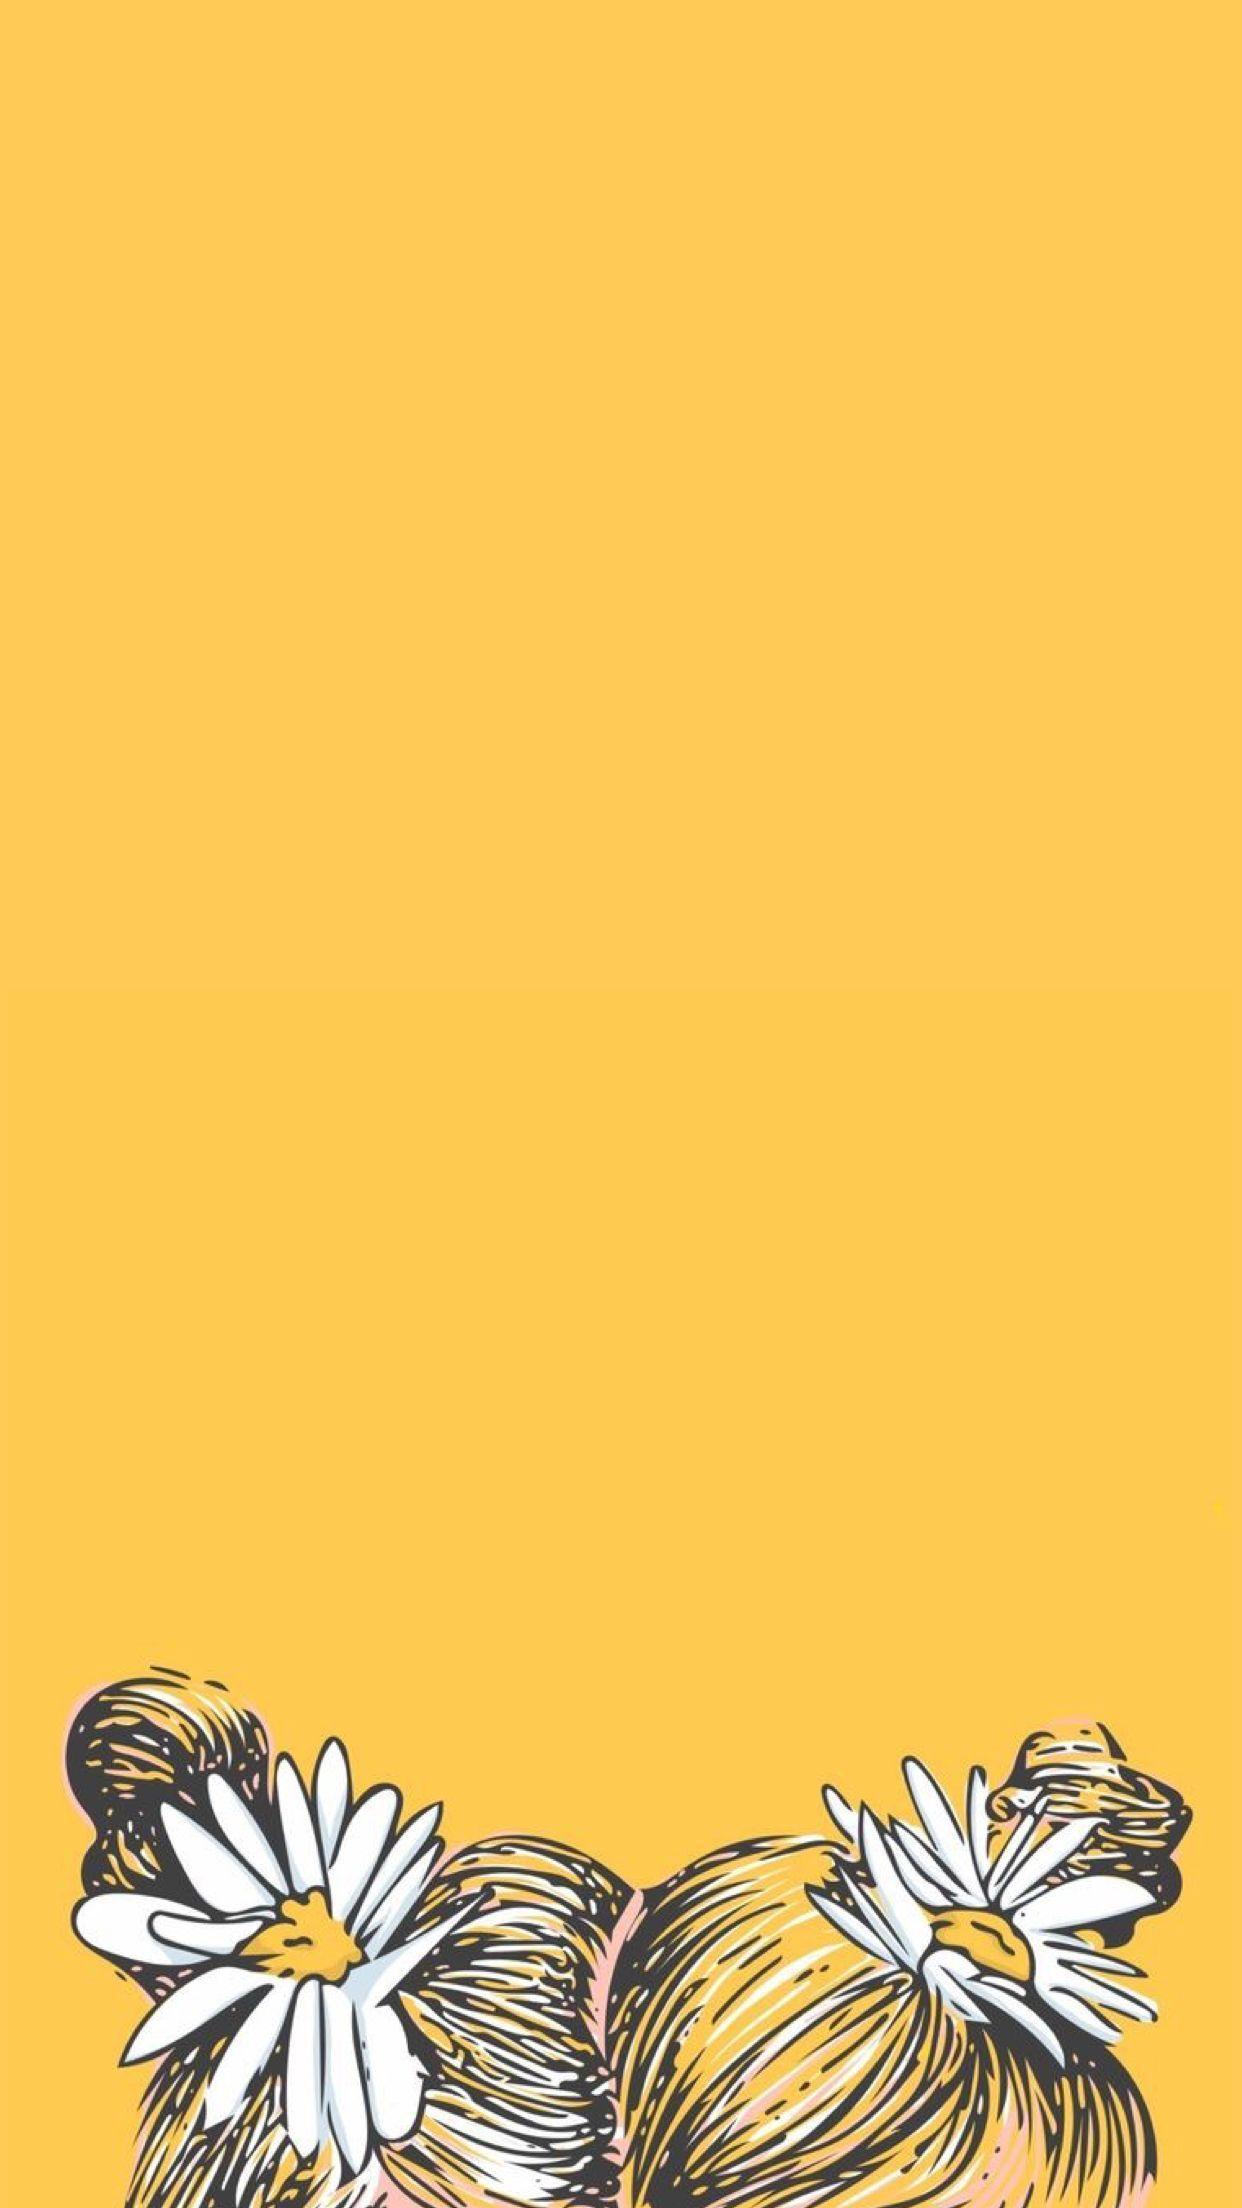 Aesthetic Yellow Wallpapers , Top Free Aesthetic Yellow